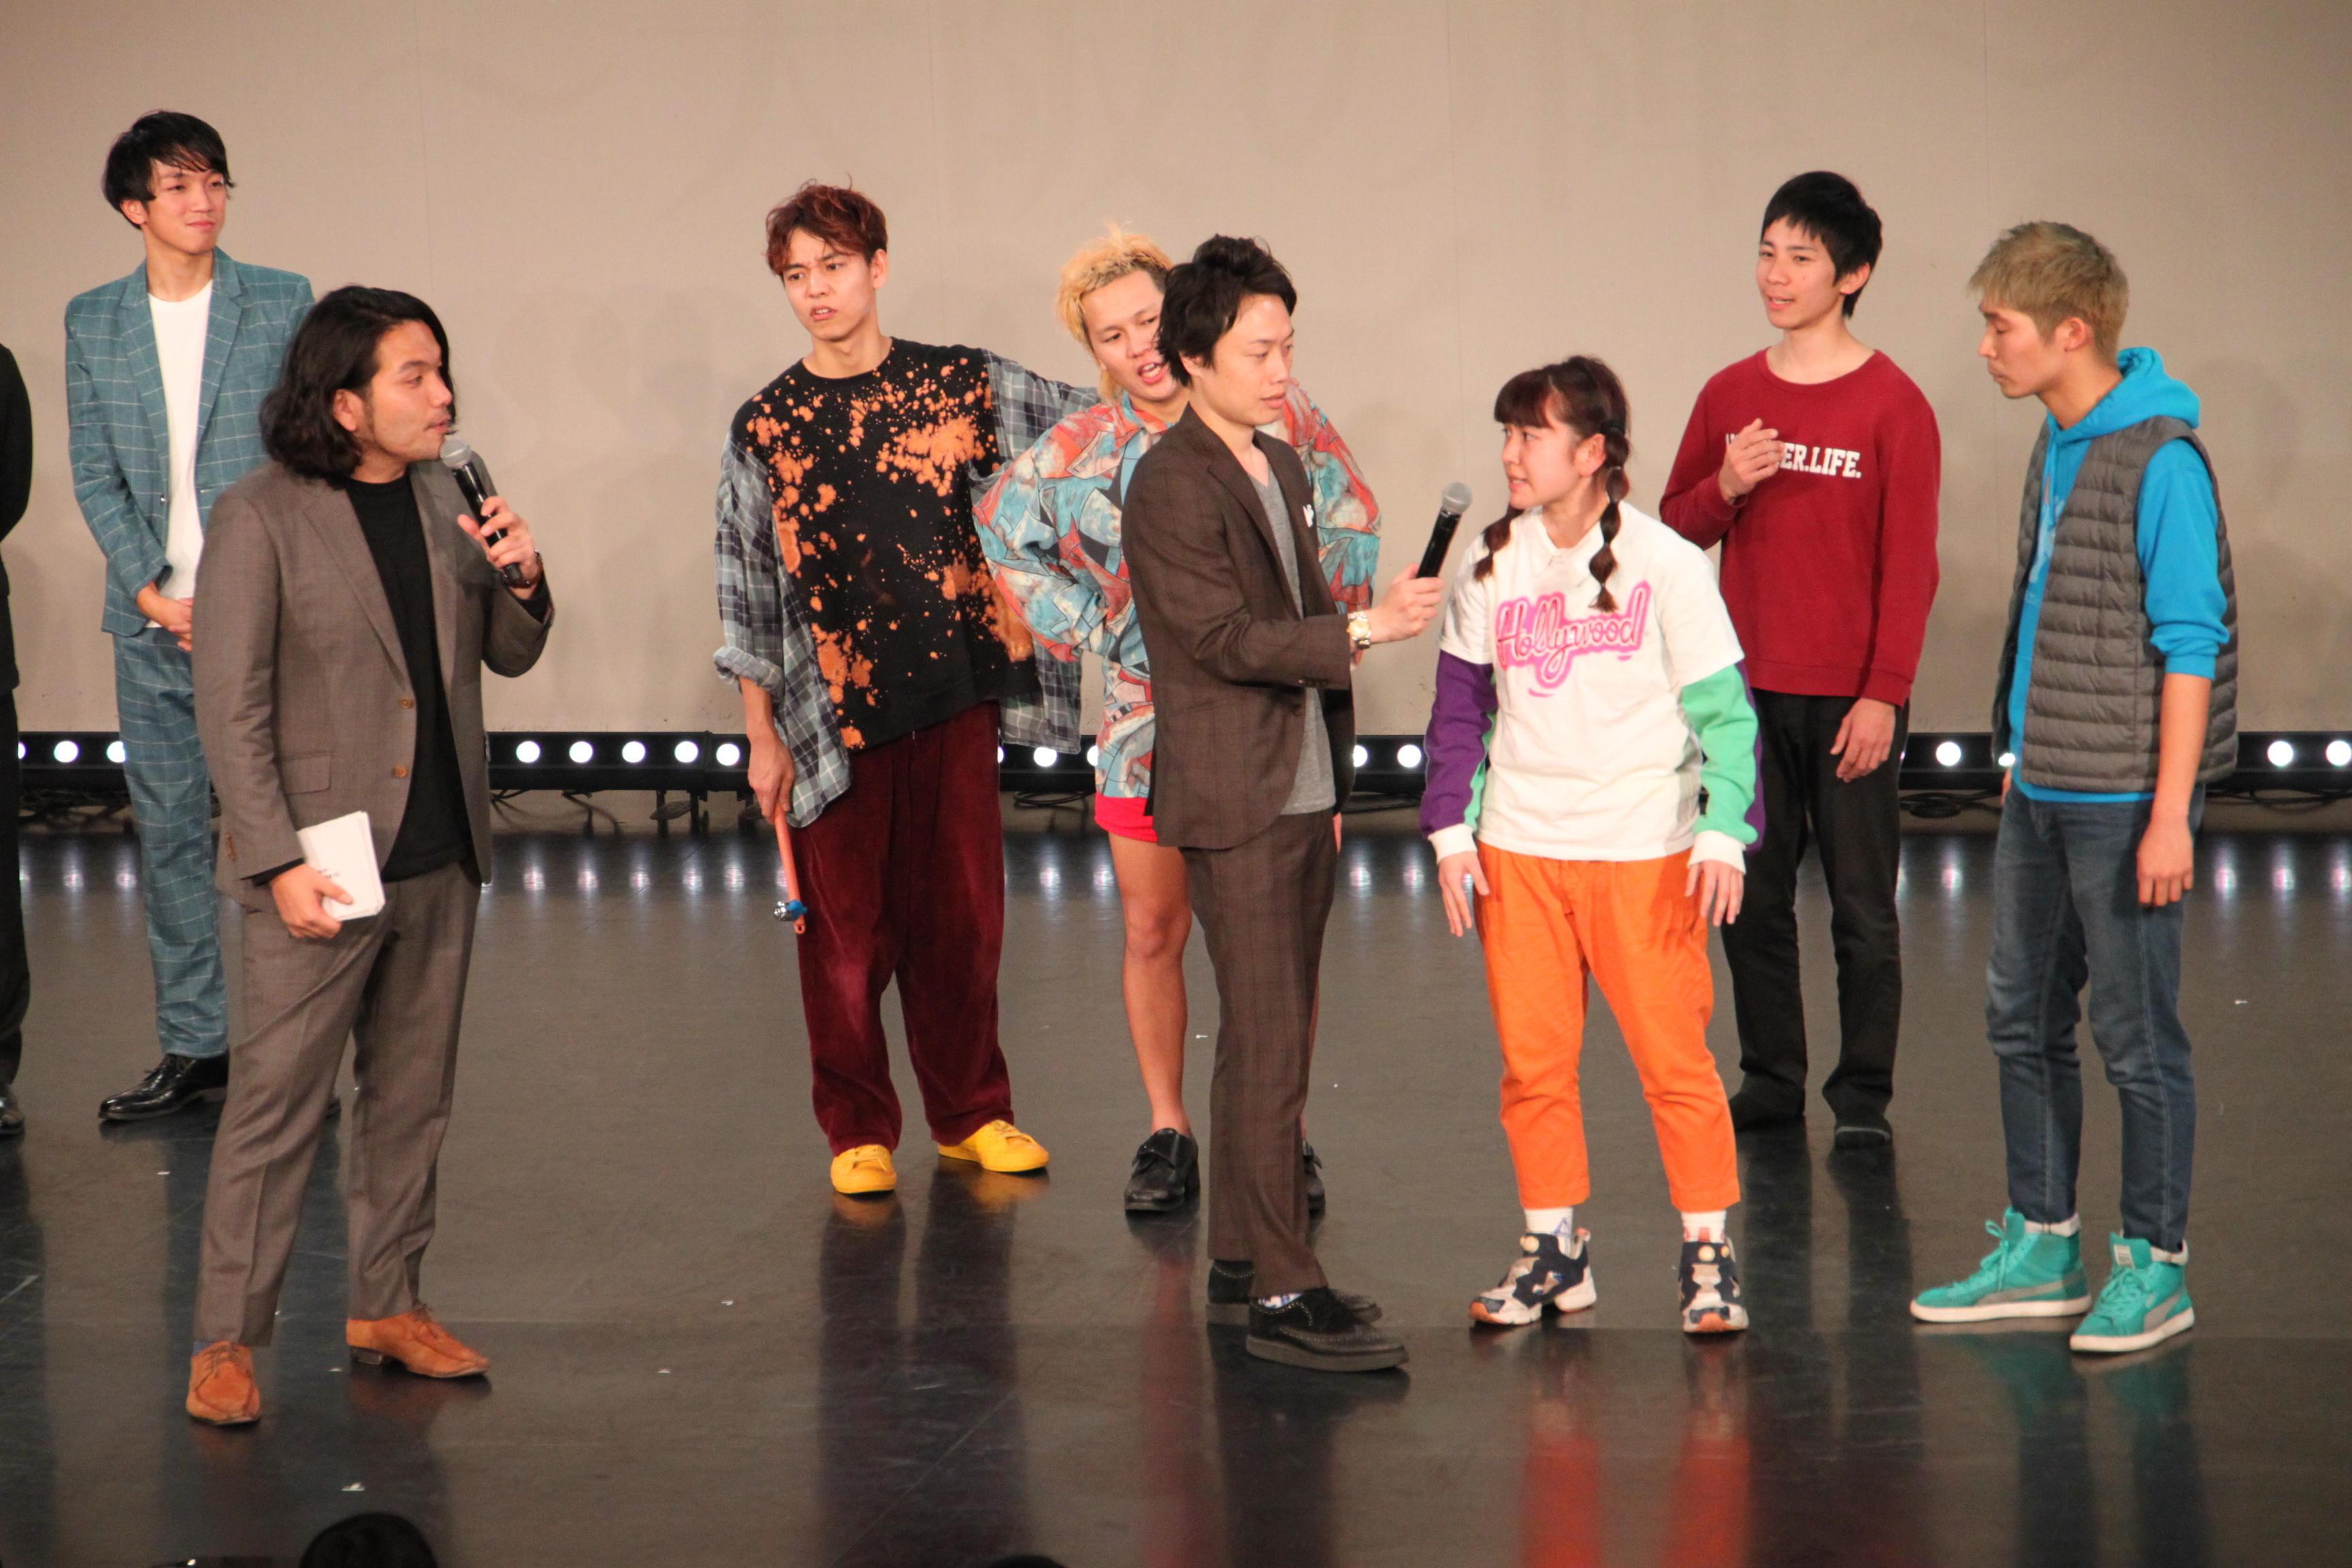 http://news.yoshimoto.co.jp/20181222235810-86268c3a9562b6c0ca7c699eca07f6971dd2e7e4.jpg